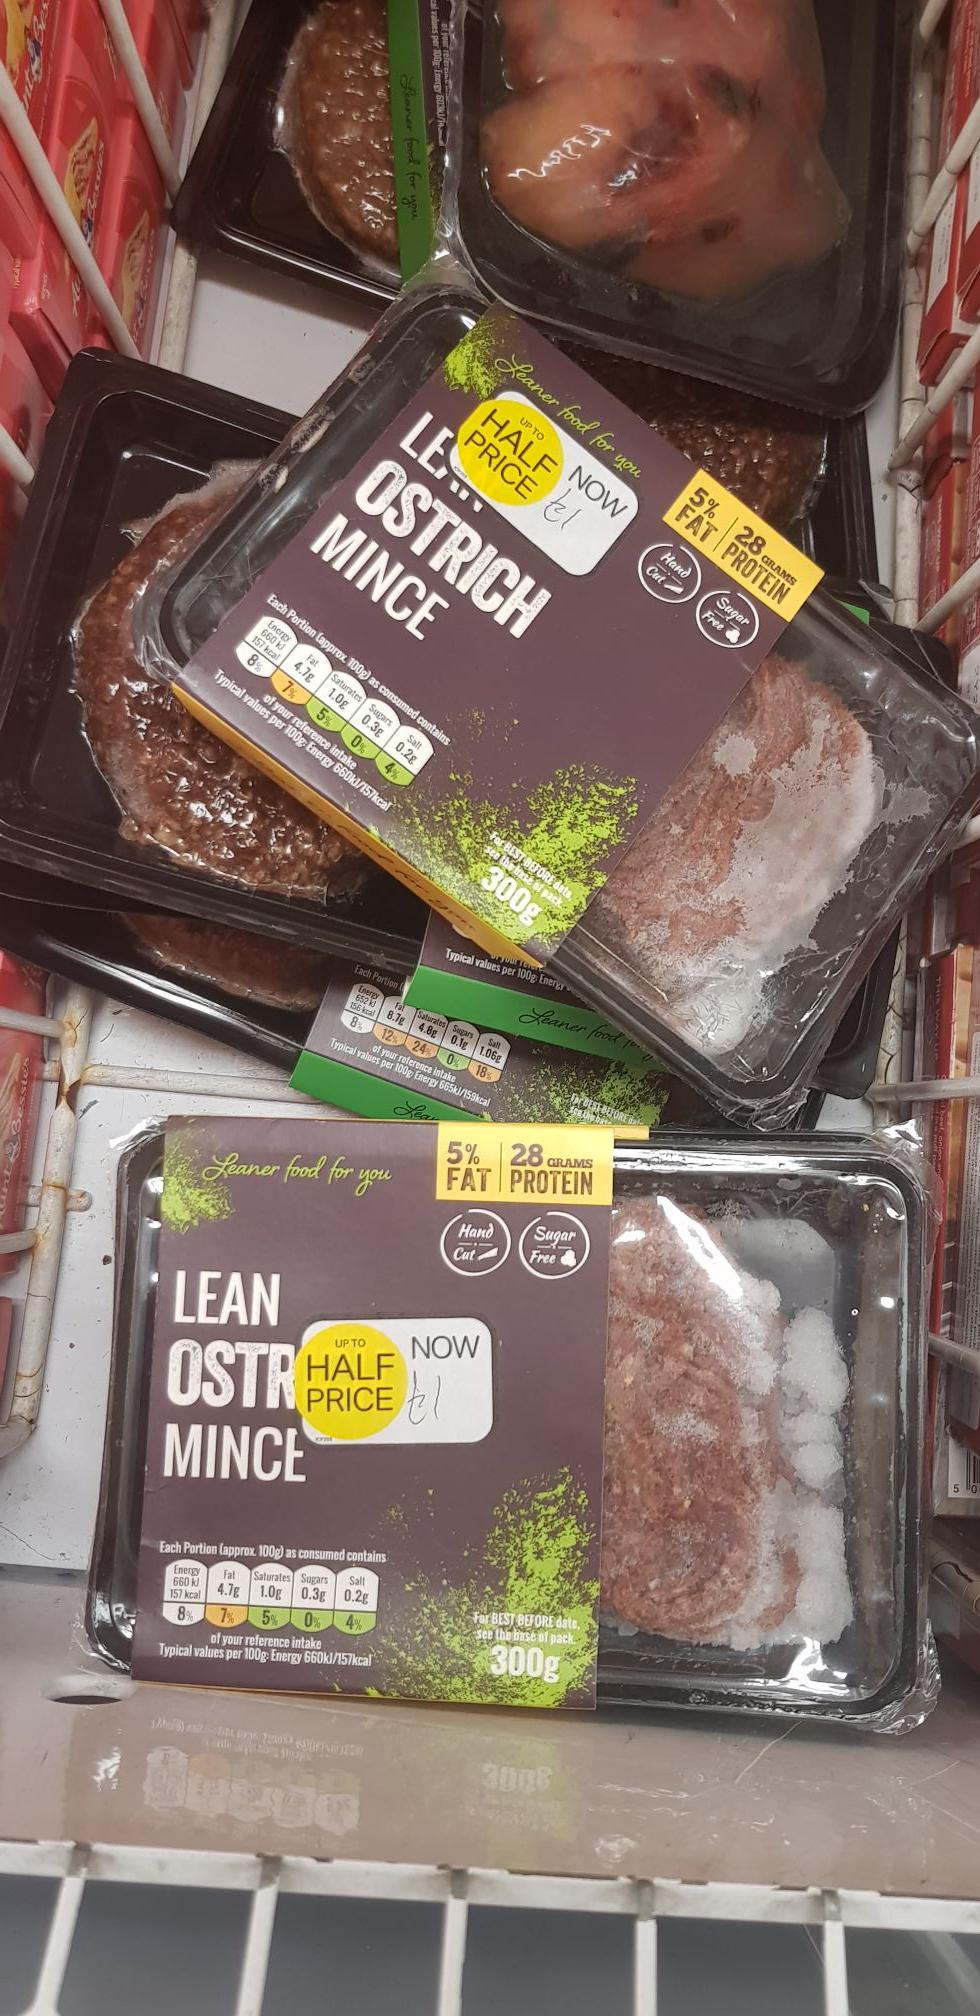 Iceland half price ostrich burger - 75p instore (Bradford thornbury store)